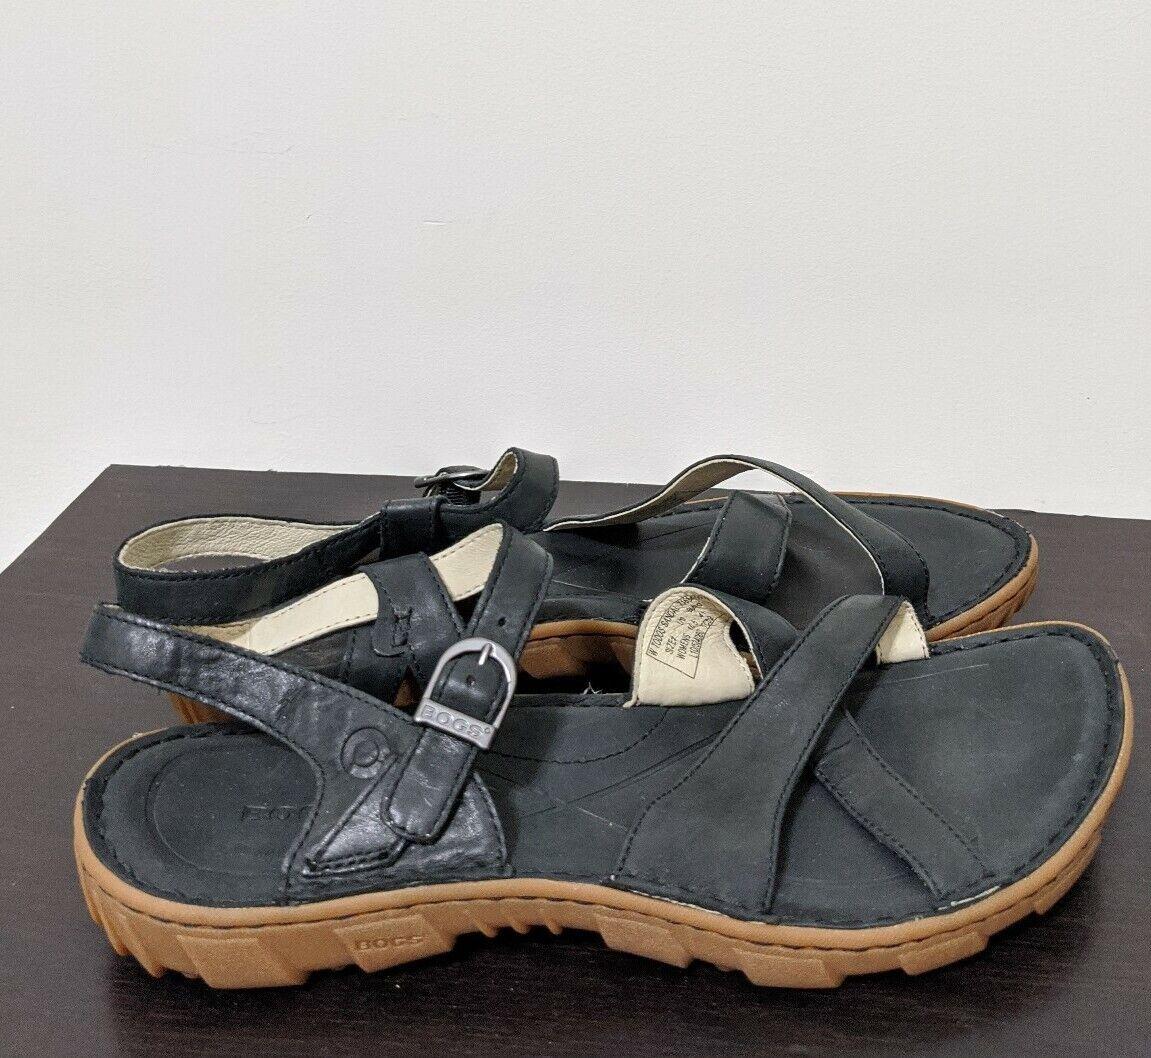 Bogs Chaussures pour femmes Todos Sandales En Cuir Noir Rebound Taille 10/41 US